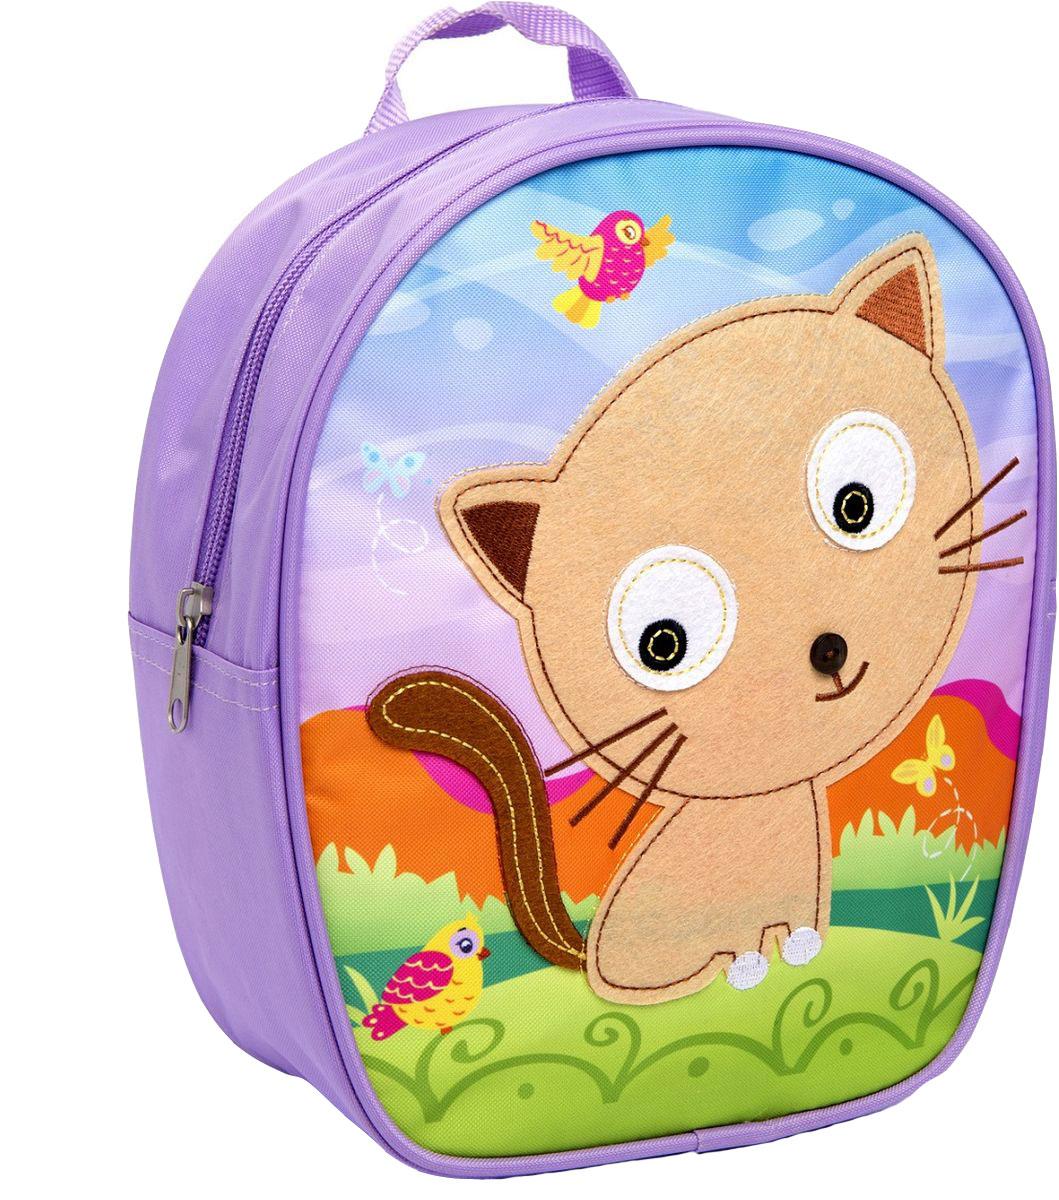 Росмэн Рюкзак дошкольный Кошка32007Дошкольный рюкзак Росмэн Кошка - это удобный, легкий и компактный аксессуар для вашего малыша, который обязательно пригодится для прогулок и детского сада.В его внутреннее отделение на застежке-молнии можно положить игрушки, предметы для творчества или книжку формата А5.Благодаря регулируемым лямкам, рюкзачок подходит детям любого роста. Удобная ручка помогает носить аксессуар в руке или размещать на вешалке.Износостойкий материал с водонепроницаемой основой и подкладка обеспечивают изделию длительный срок службы и помогают содержать вещи сухими в сырую погоду.Аксессуар декорирован ярким принтом (сублимированной печатью), устойчивым к истиранию и выгоранию на солнце, аппликацией из фетра, вышивкой и пуговкой.